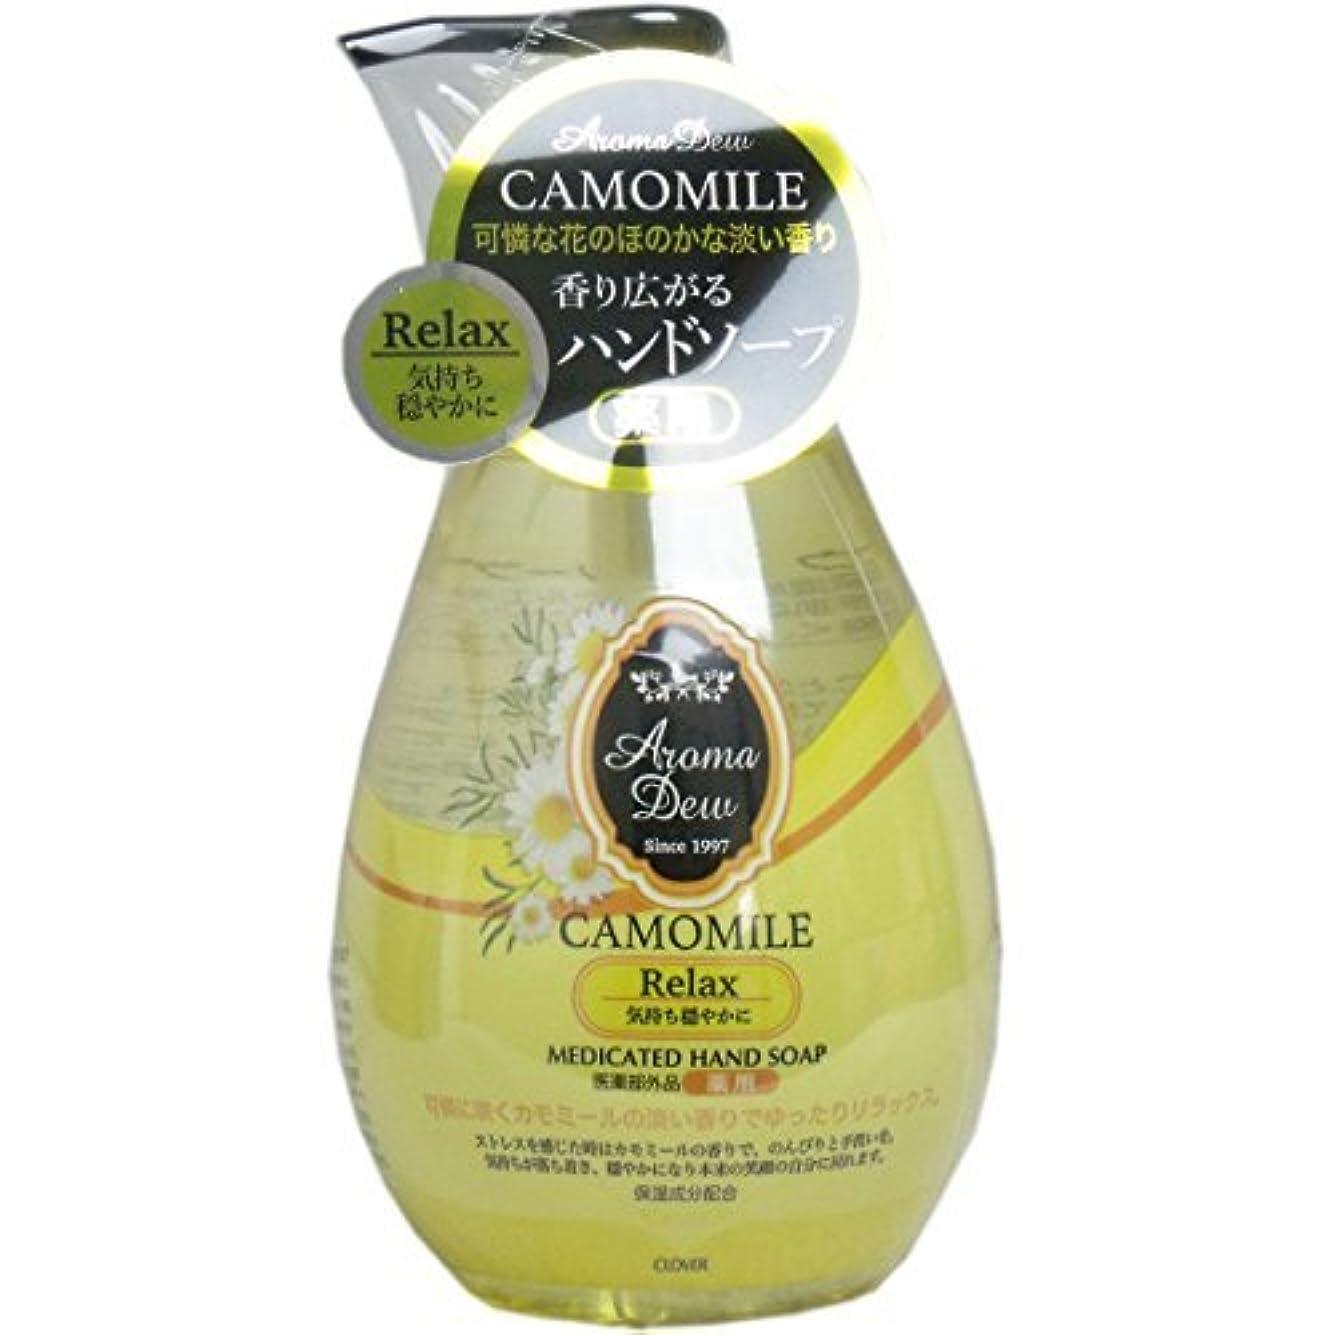 薬用アロマデュウ ハンドソープ カモミールの香り 260mL